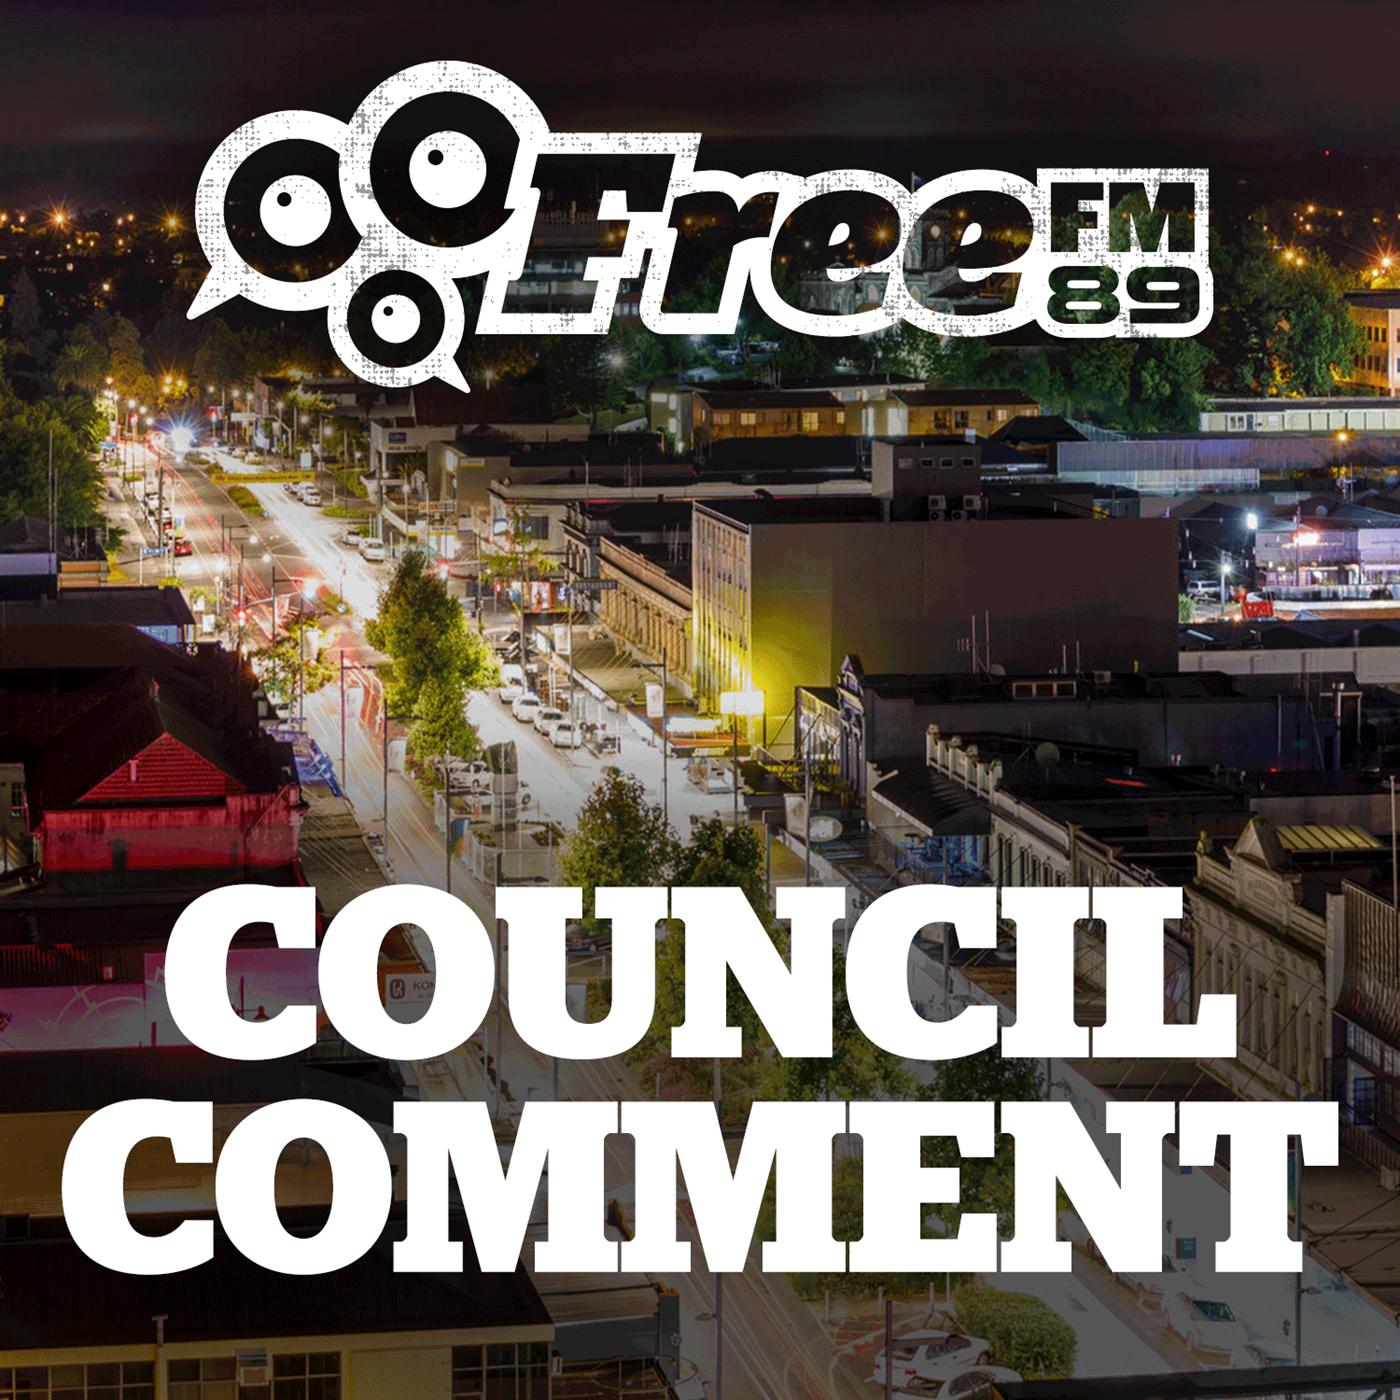 Council Comment - 18-07-2018 [guest name]